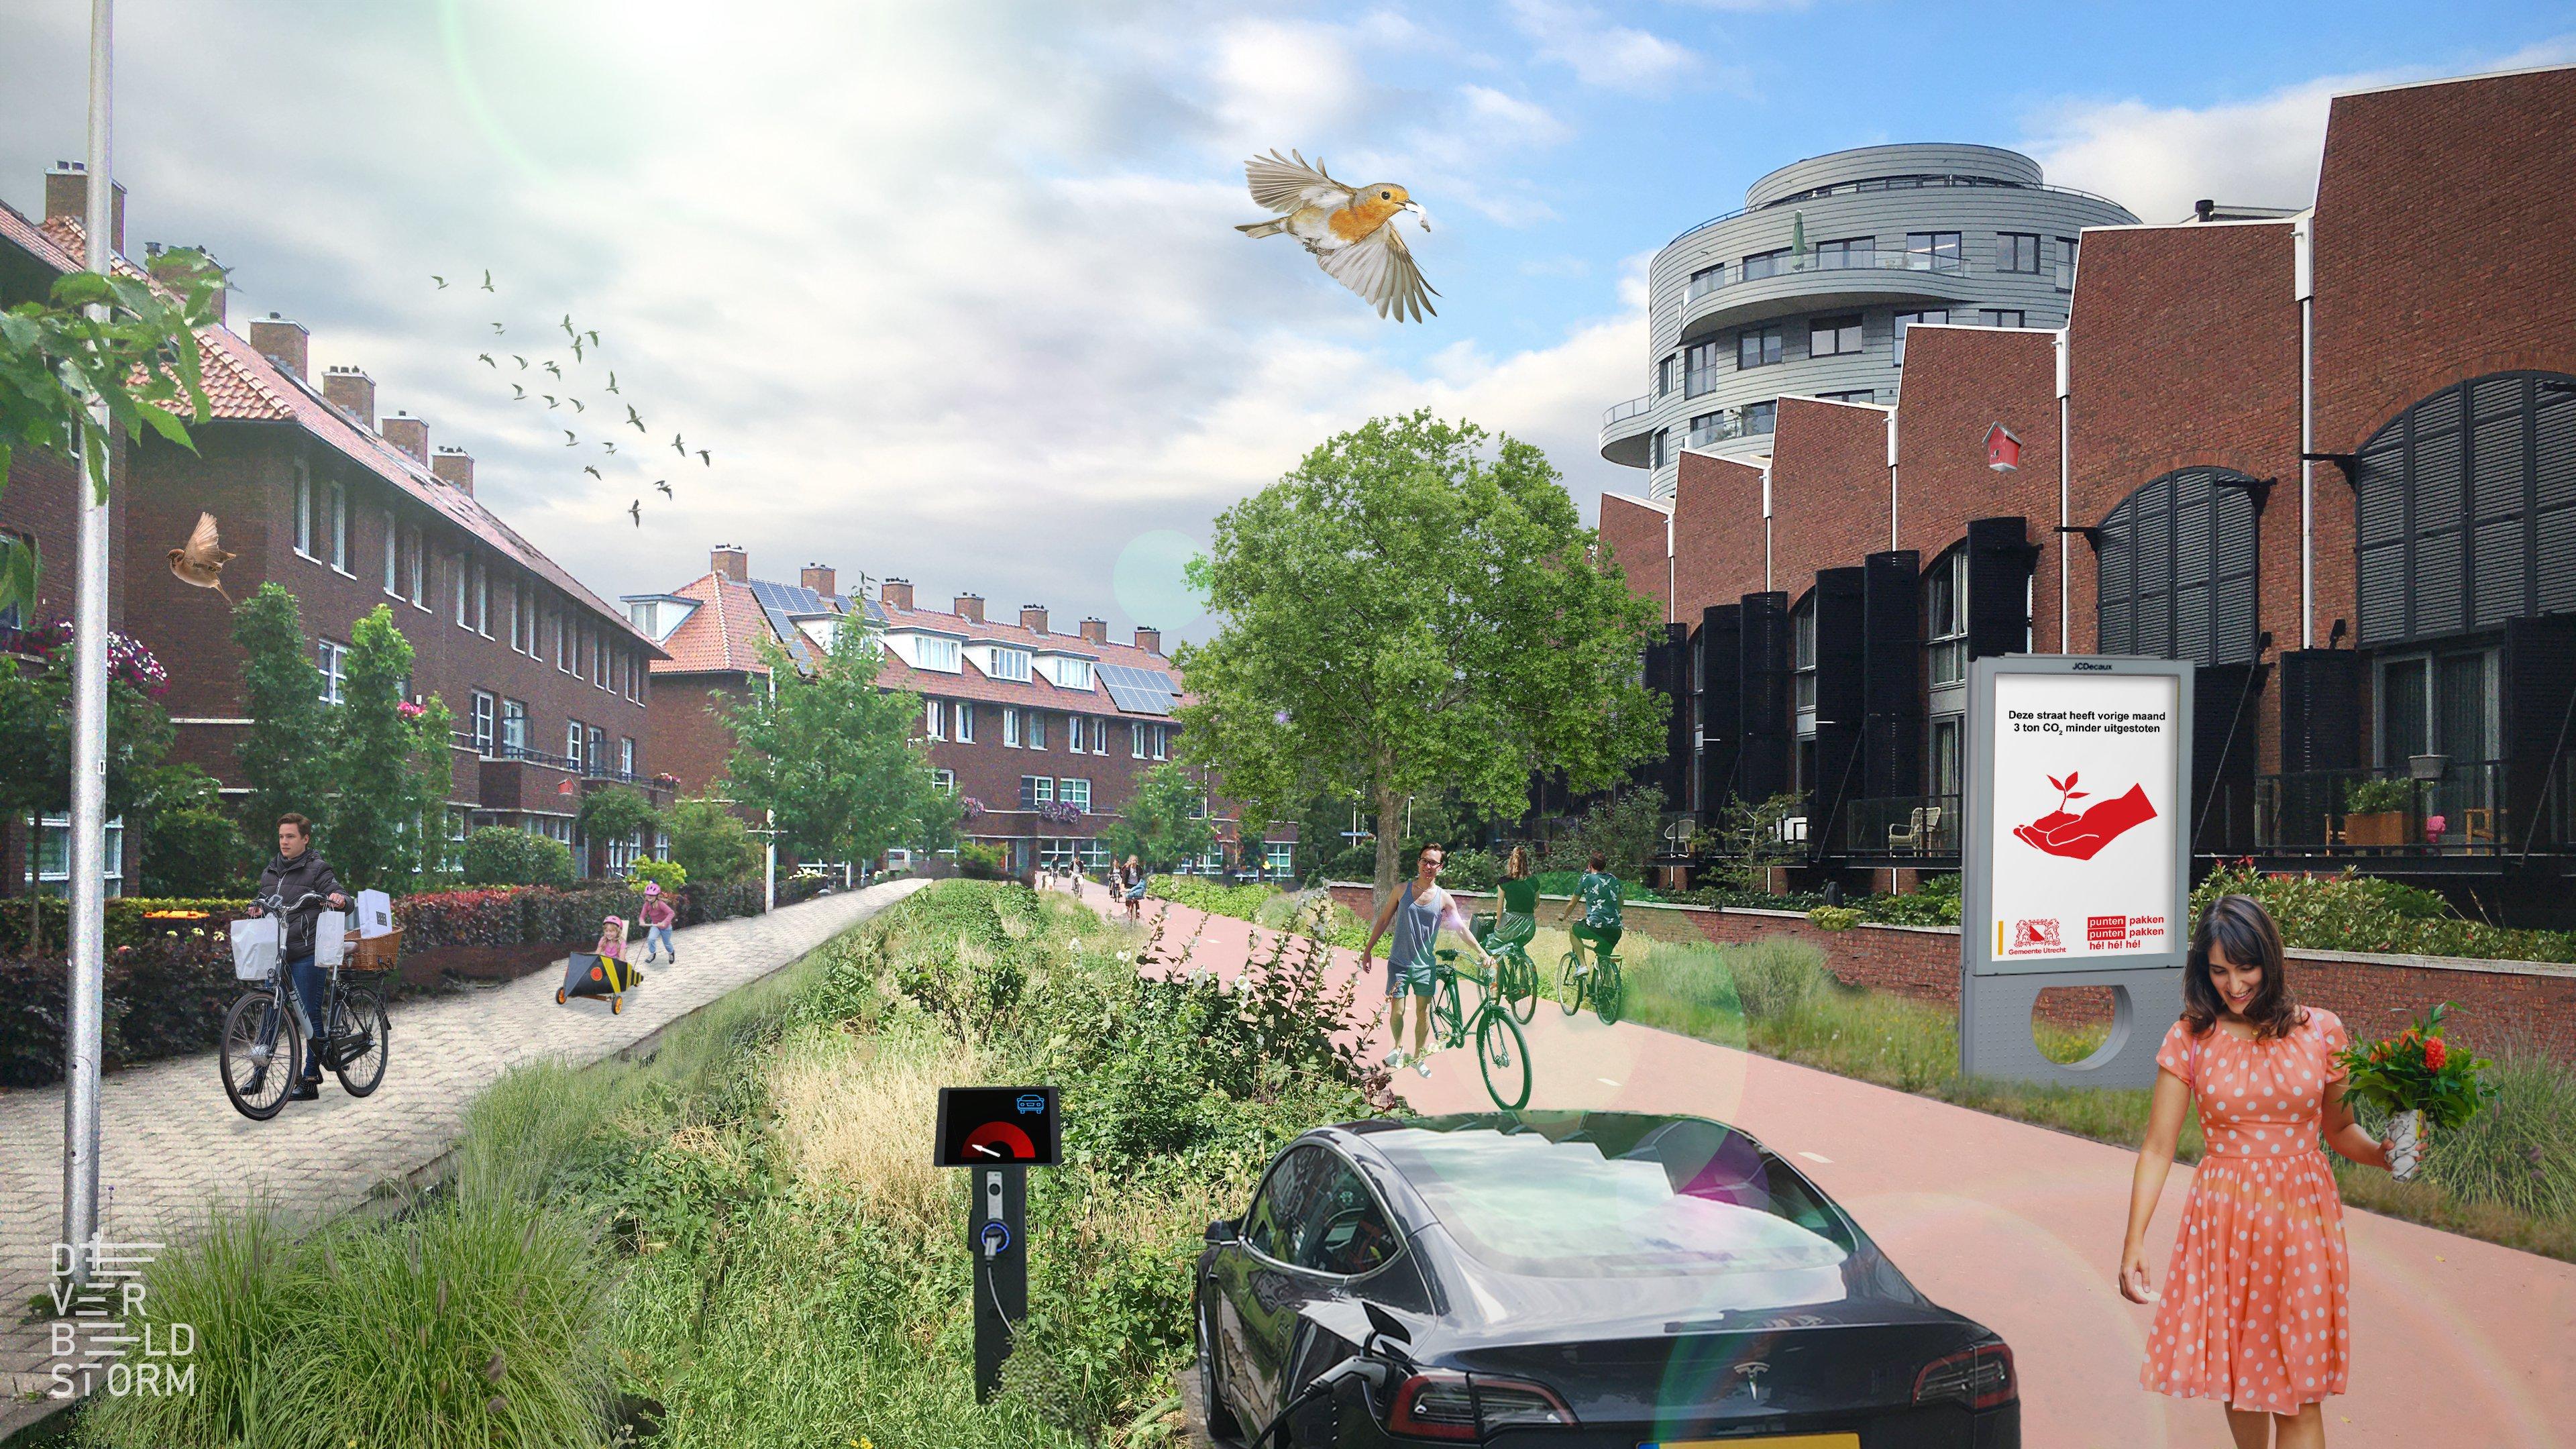 200822 Scenario Eco (bedoeld) - de Verbeeldstorm, Universiteit Utrecht 2020